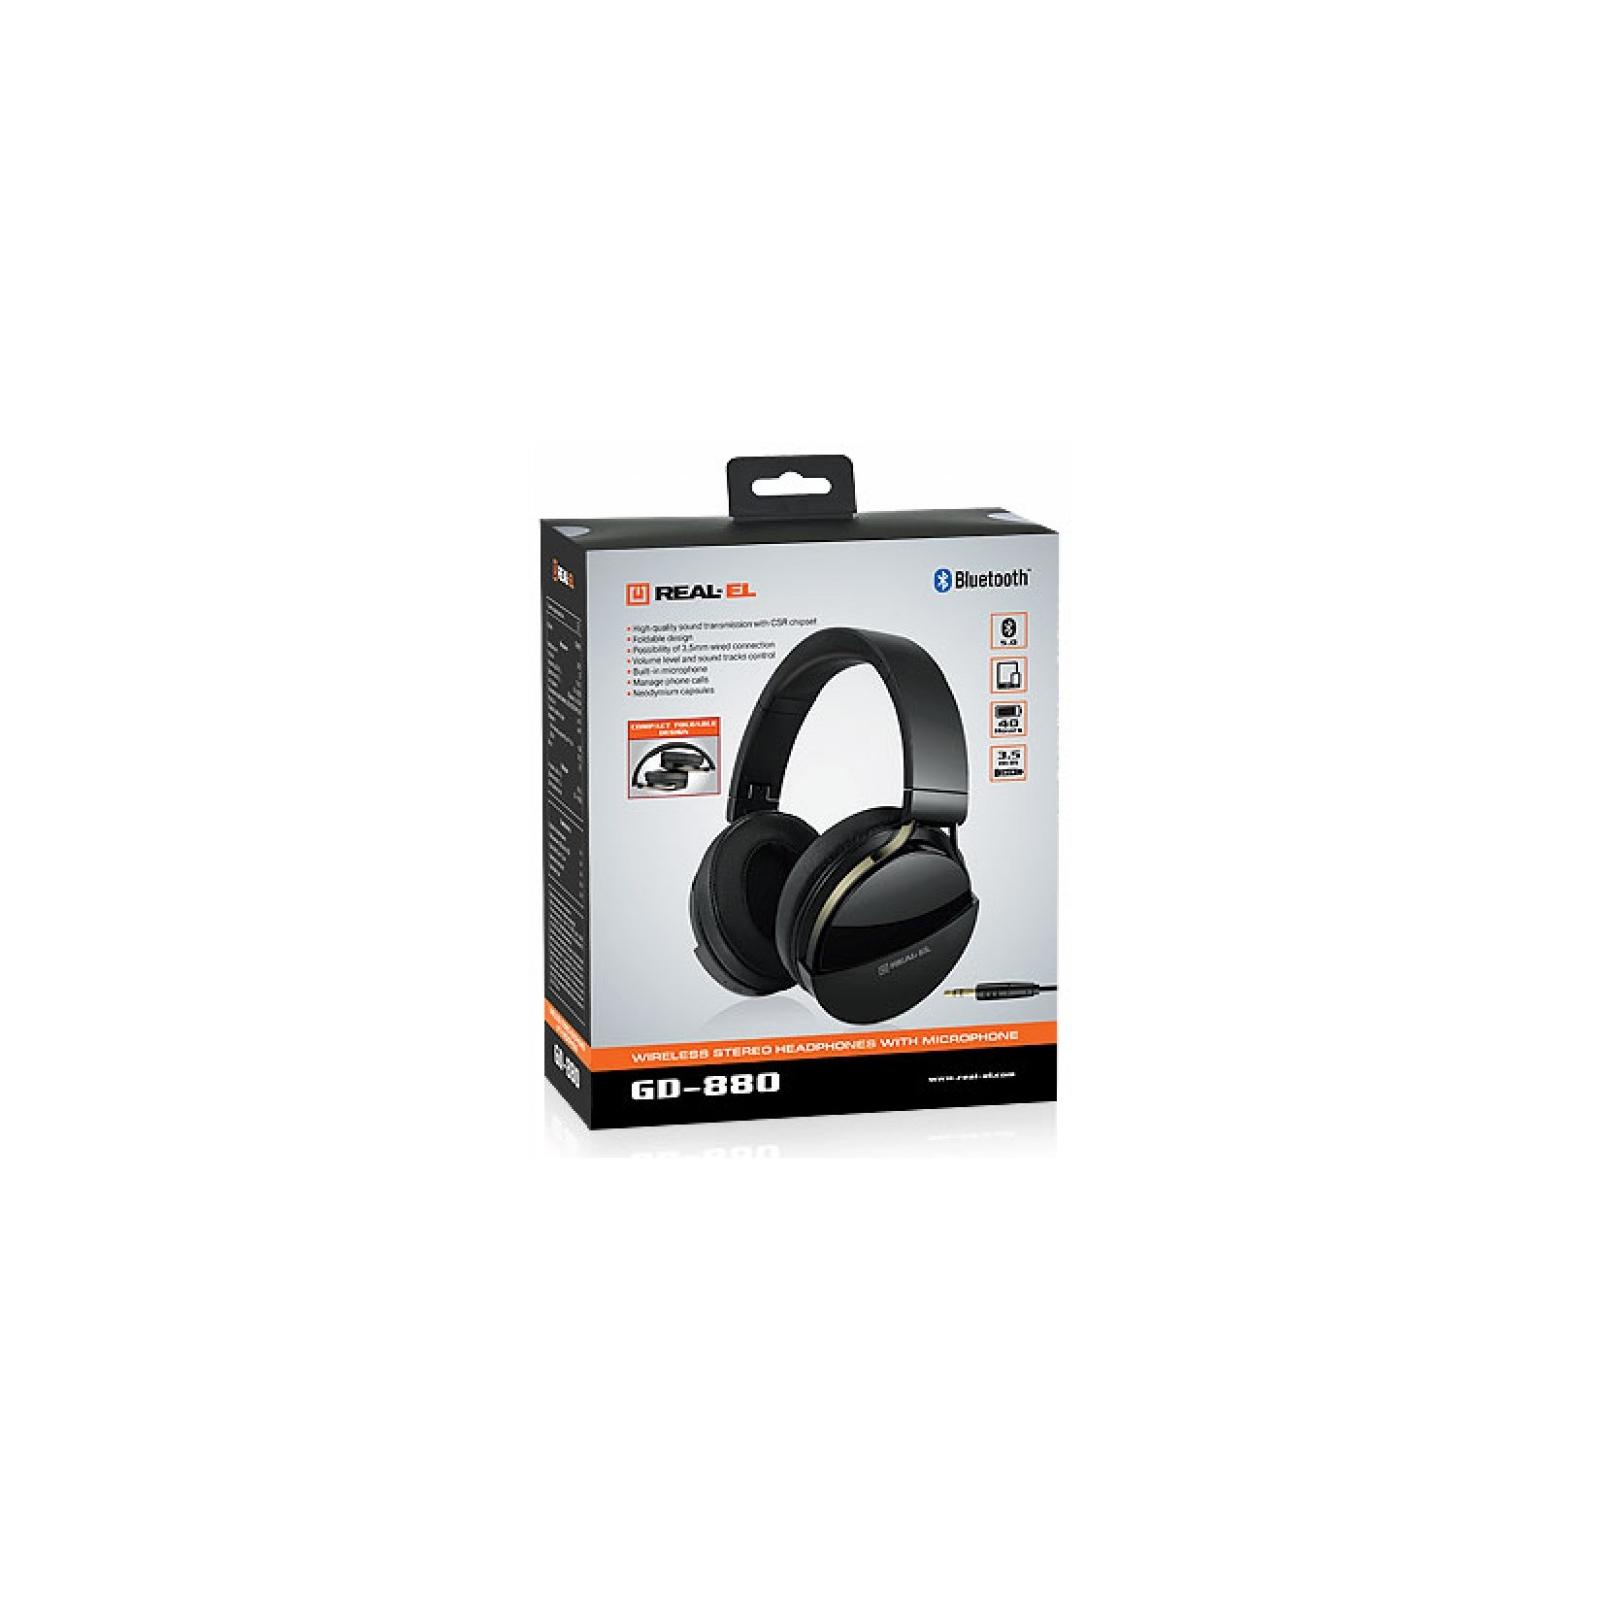 Навушники REAL-EL GD-880 Black зображення 12